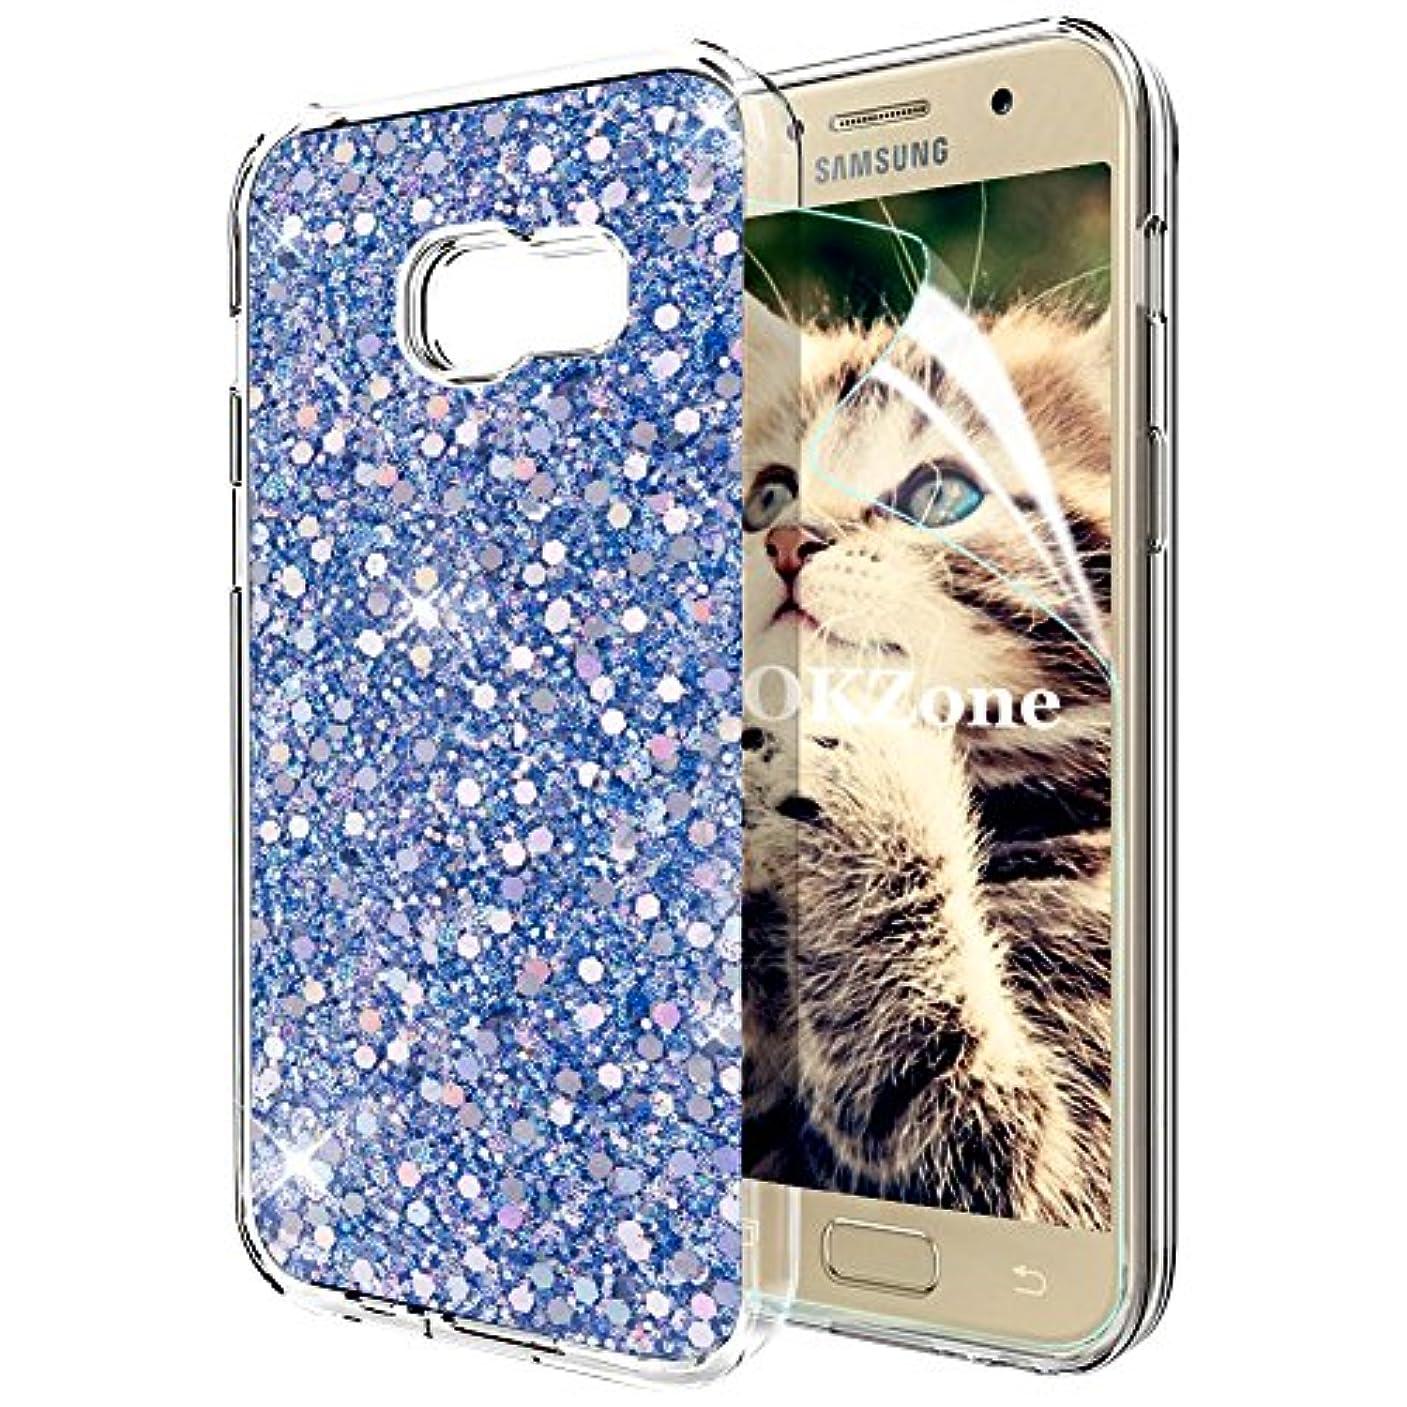 不透明な今後羨望Samsung Galaxy A3 2017ケース [HDスクリーンフィルム付き] OKZone キラキラ 目立つデザイン TPU シリコン カバー 耐衝撃ボディ 全面保護 落下防止 ファッション Samsung Galaxy A3 2017 適用 (青)